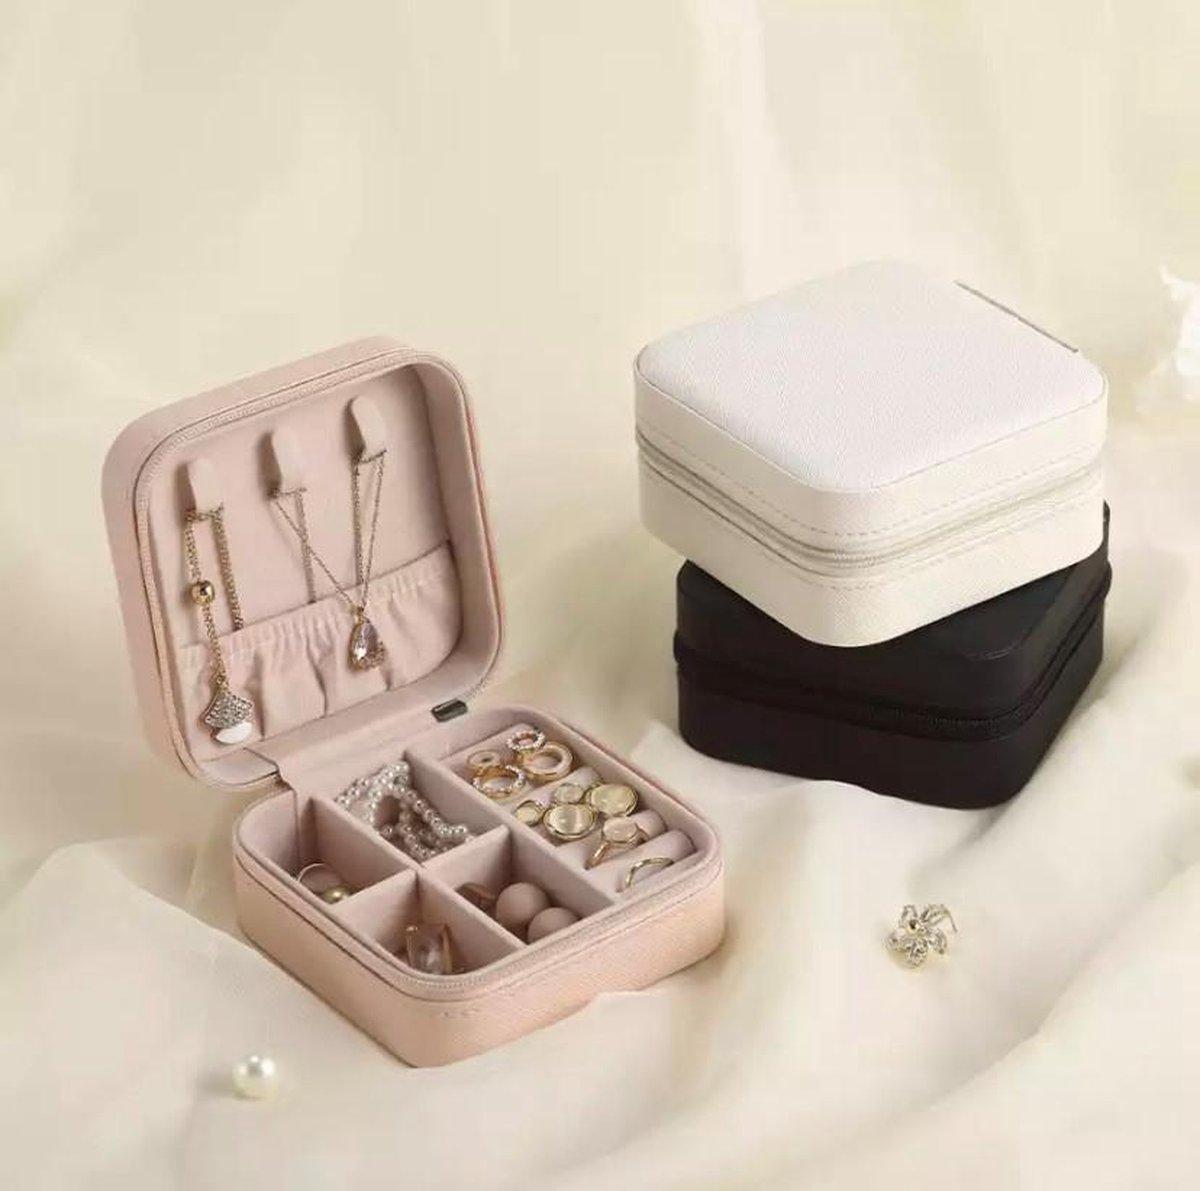 Luxe fluwelen sieradendoos compact zwart / premium jewelry box / juwelendoos / opbergdoos / opbergbox / meerdere vakken / ketting, oorbellen, ring, horloge / vakantie / geschenk / cadeautje voor haar / sieradendoosje / sieradendoos dames